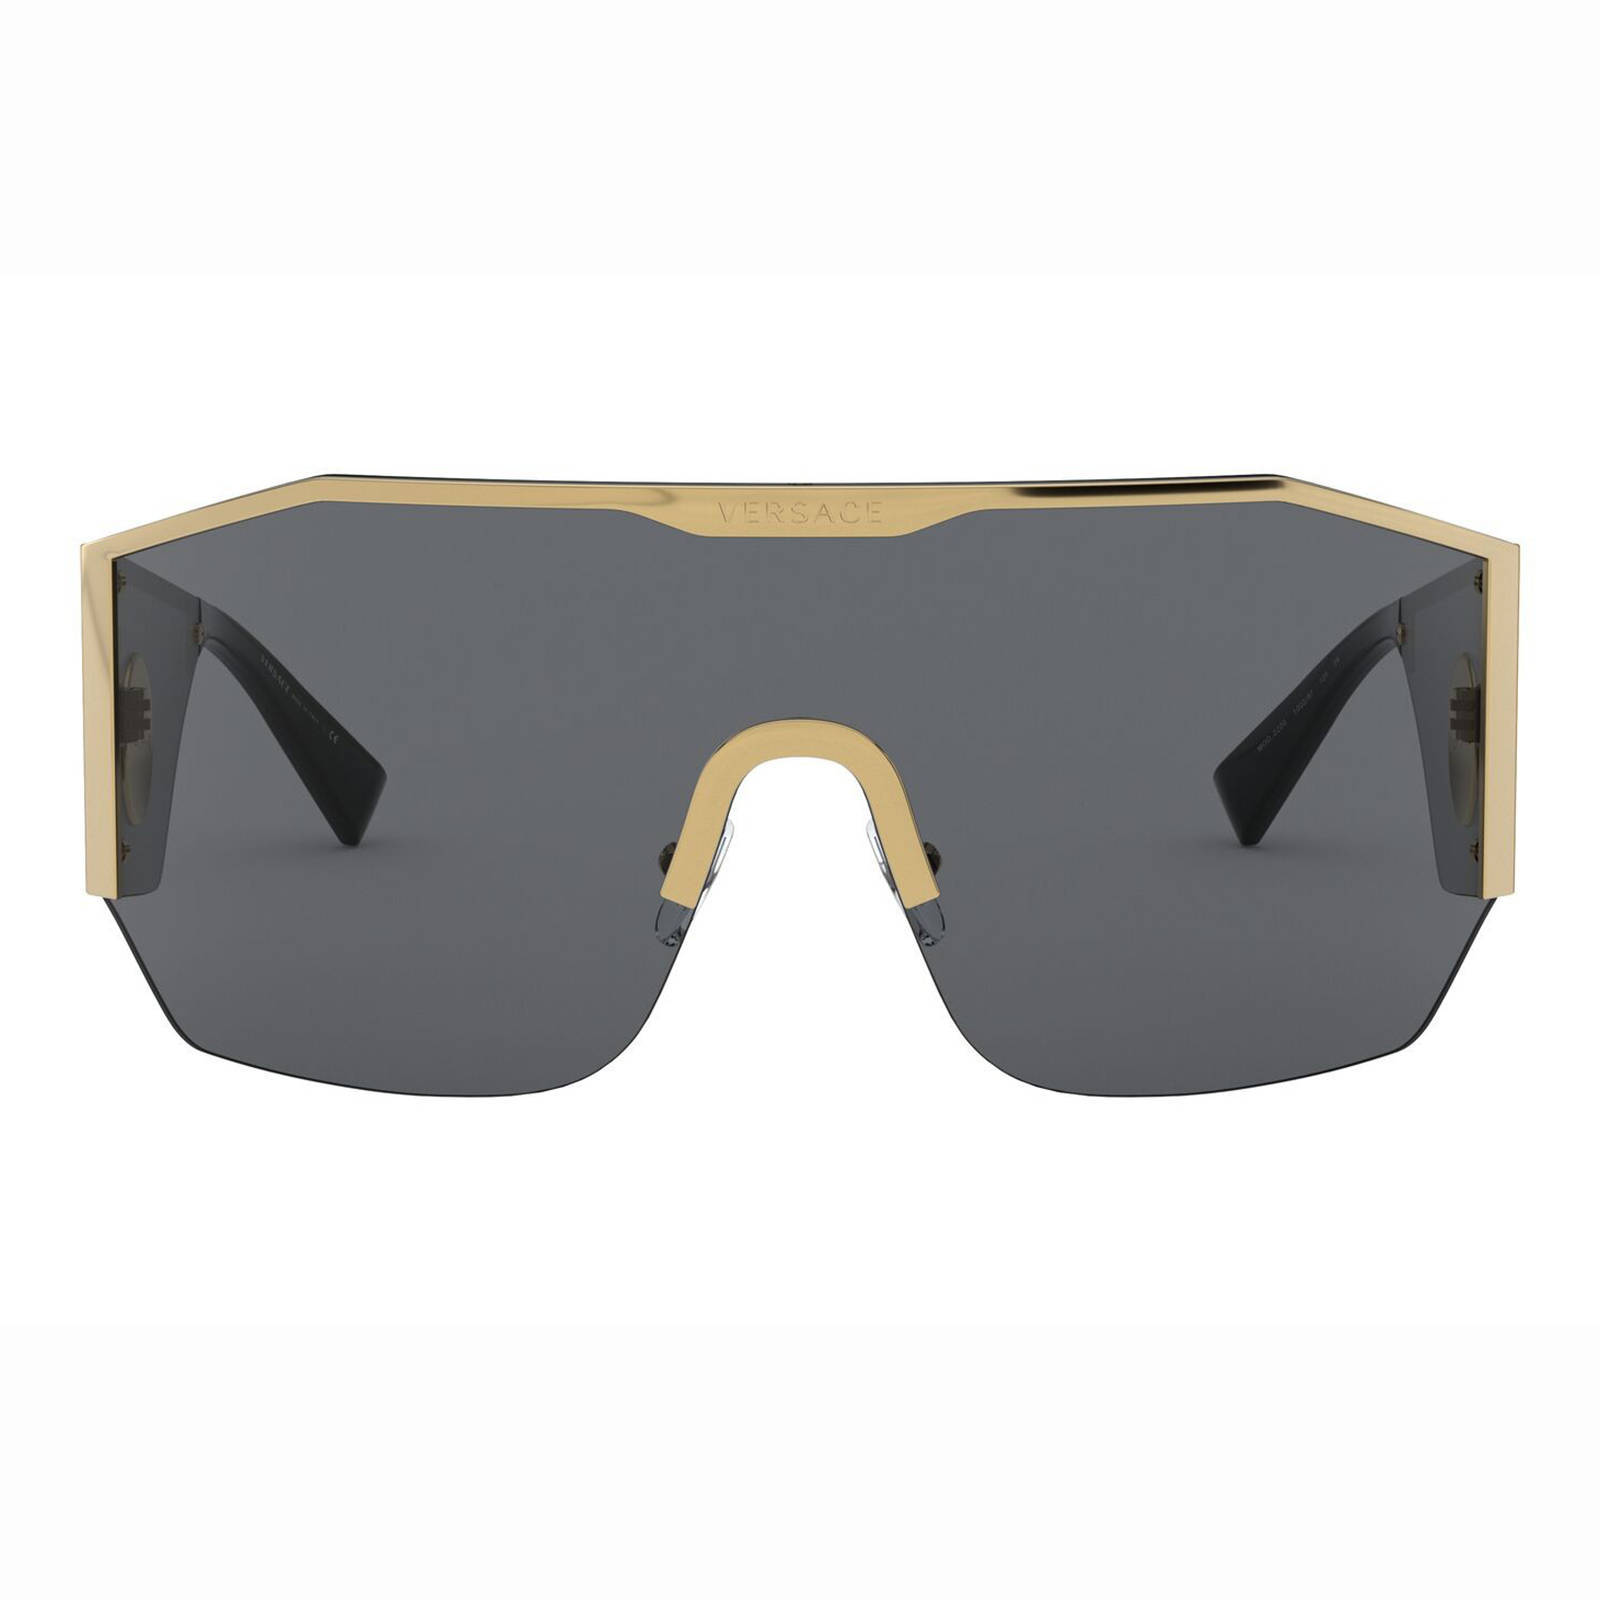 Versace zonnebril VE2220 goud   wehkamp